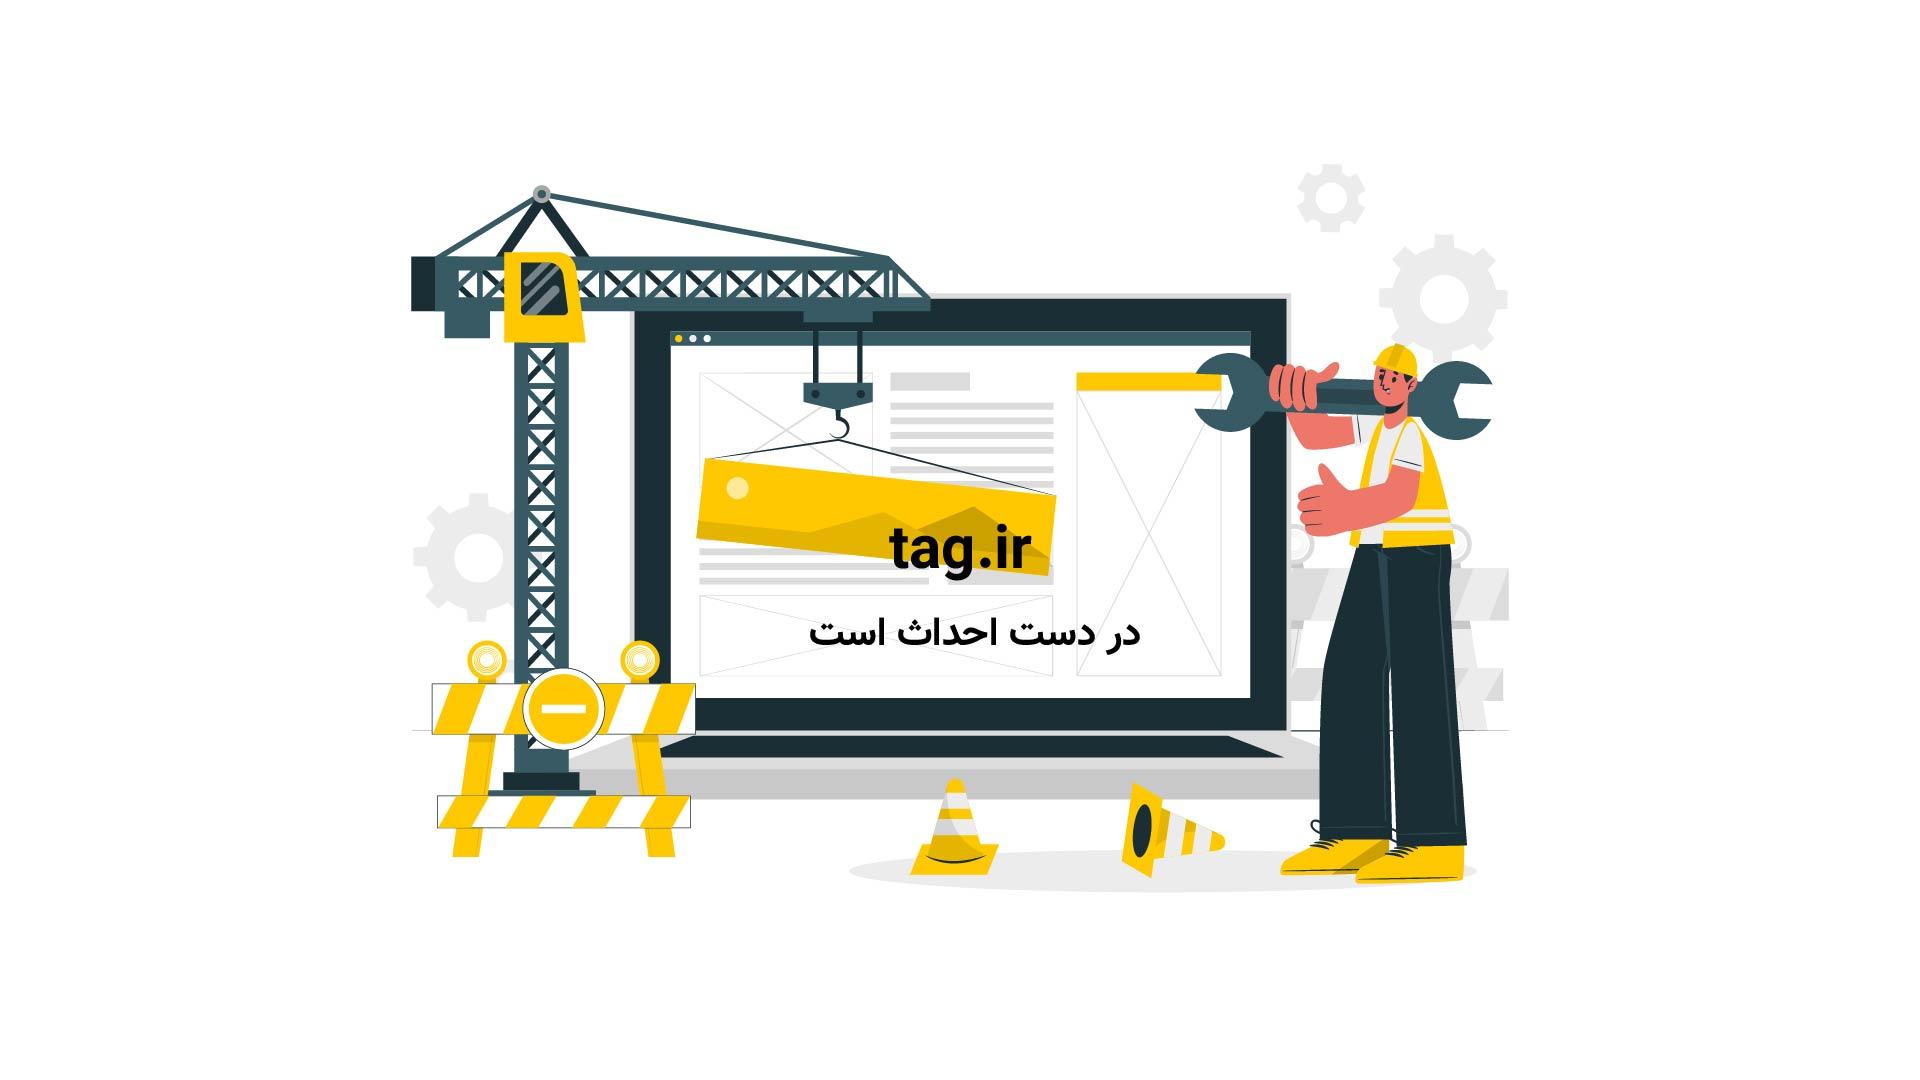 خودرو آب سوز | تگ